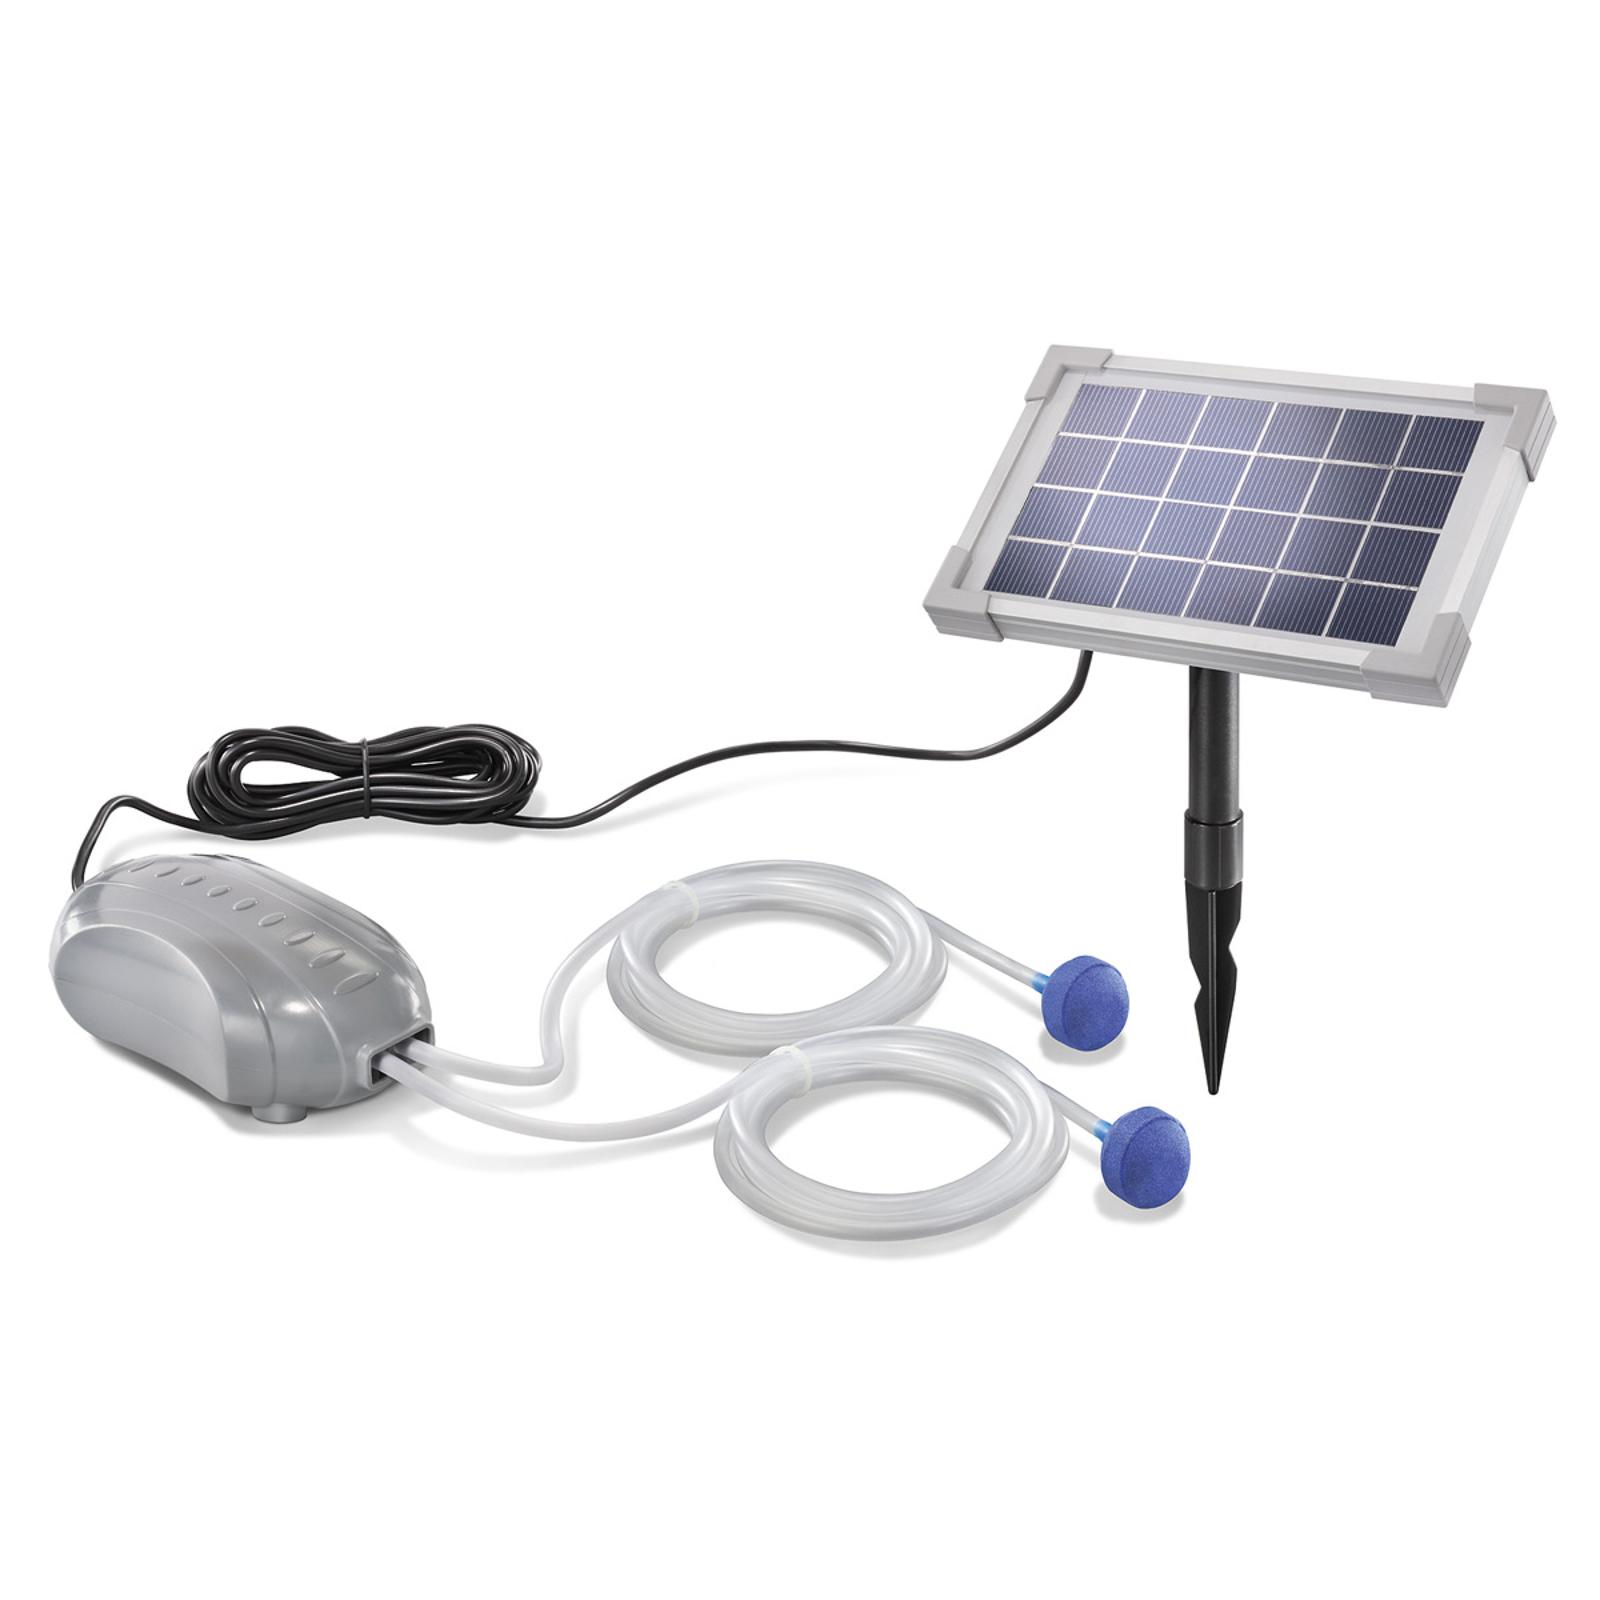 Solar pond ventilator Duo Air_3012249_1